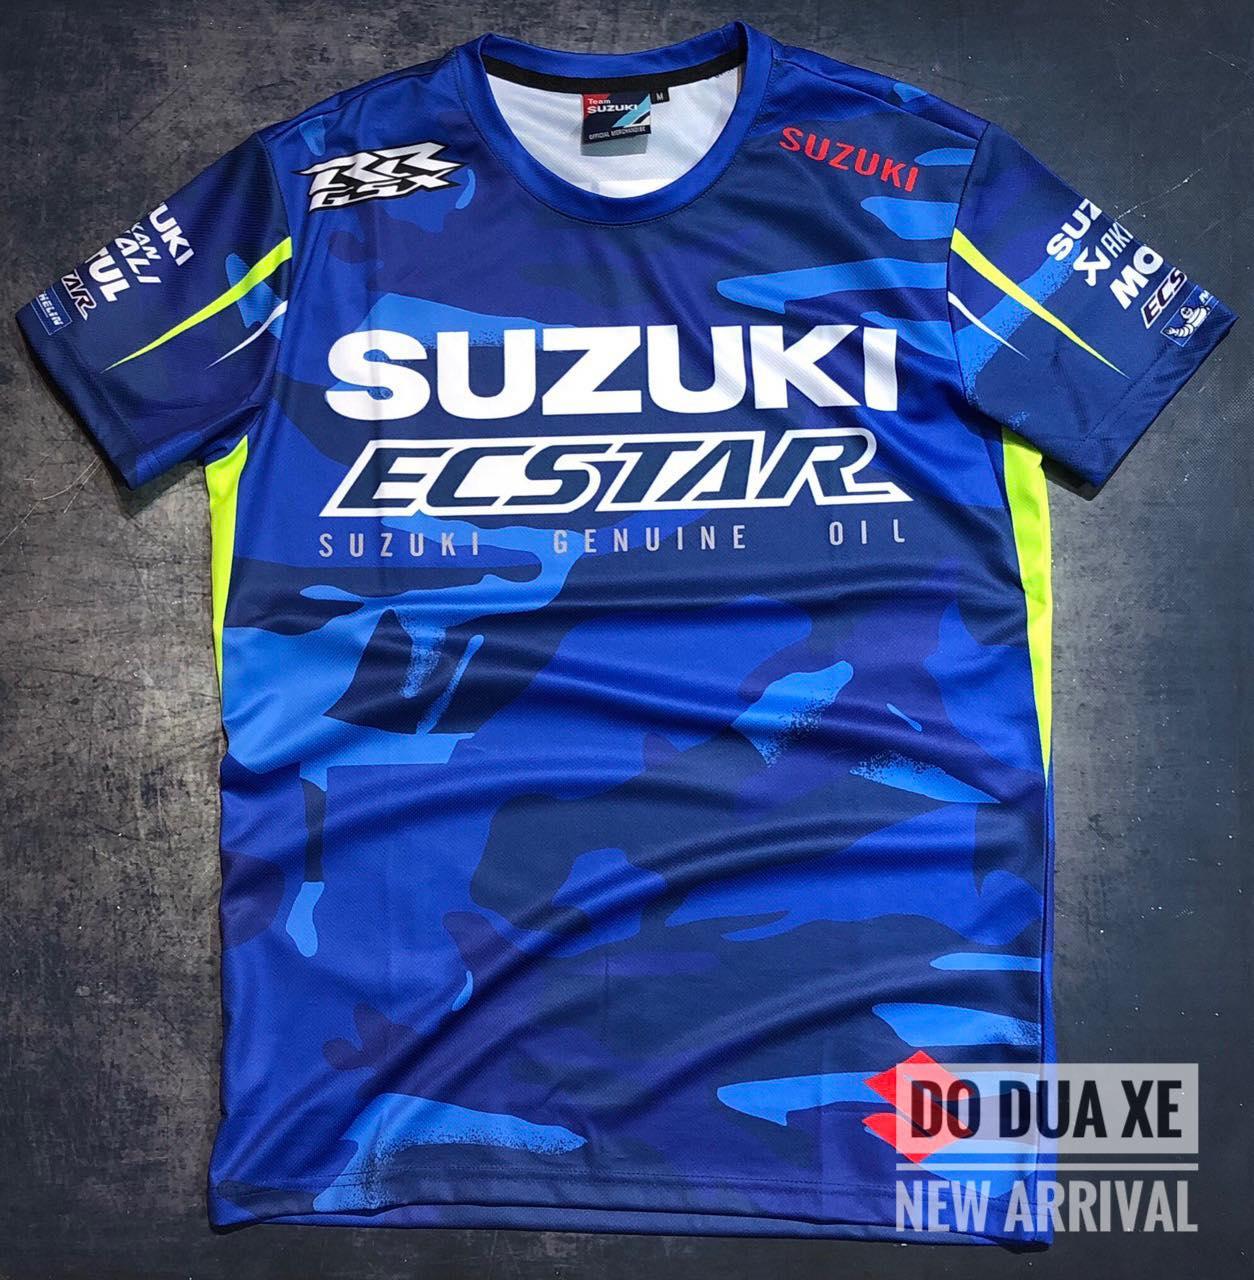 doduaxe.com: Chuyên cung cấp quần áo phụ kiện đua xe - 31